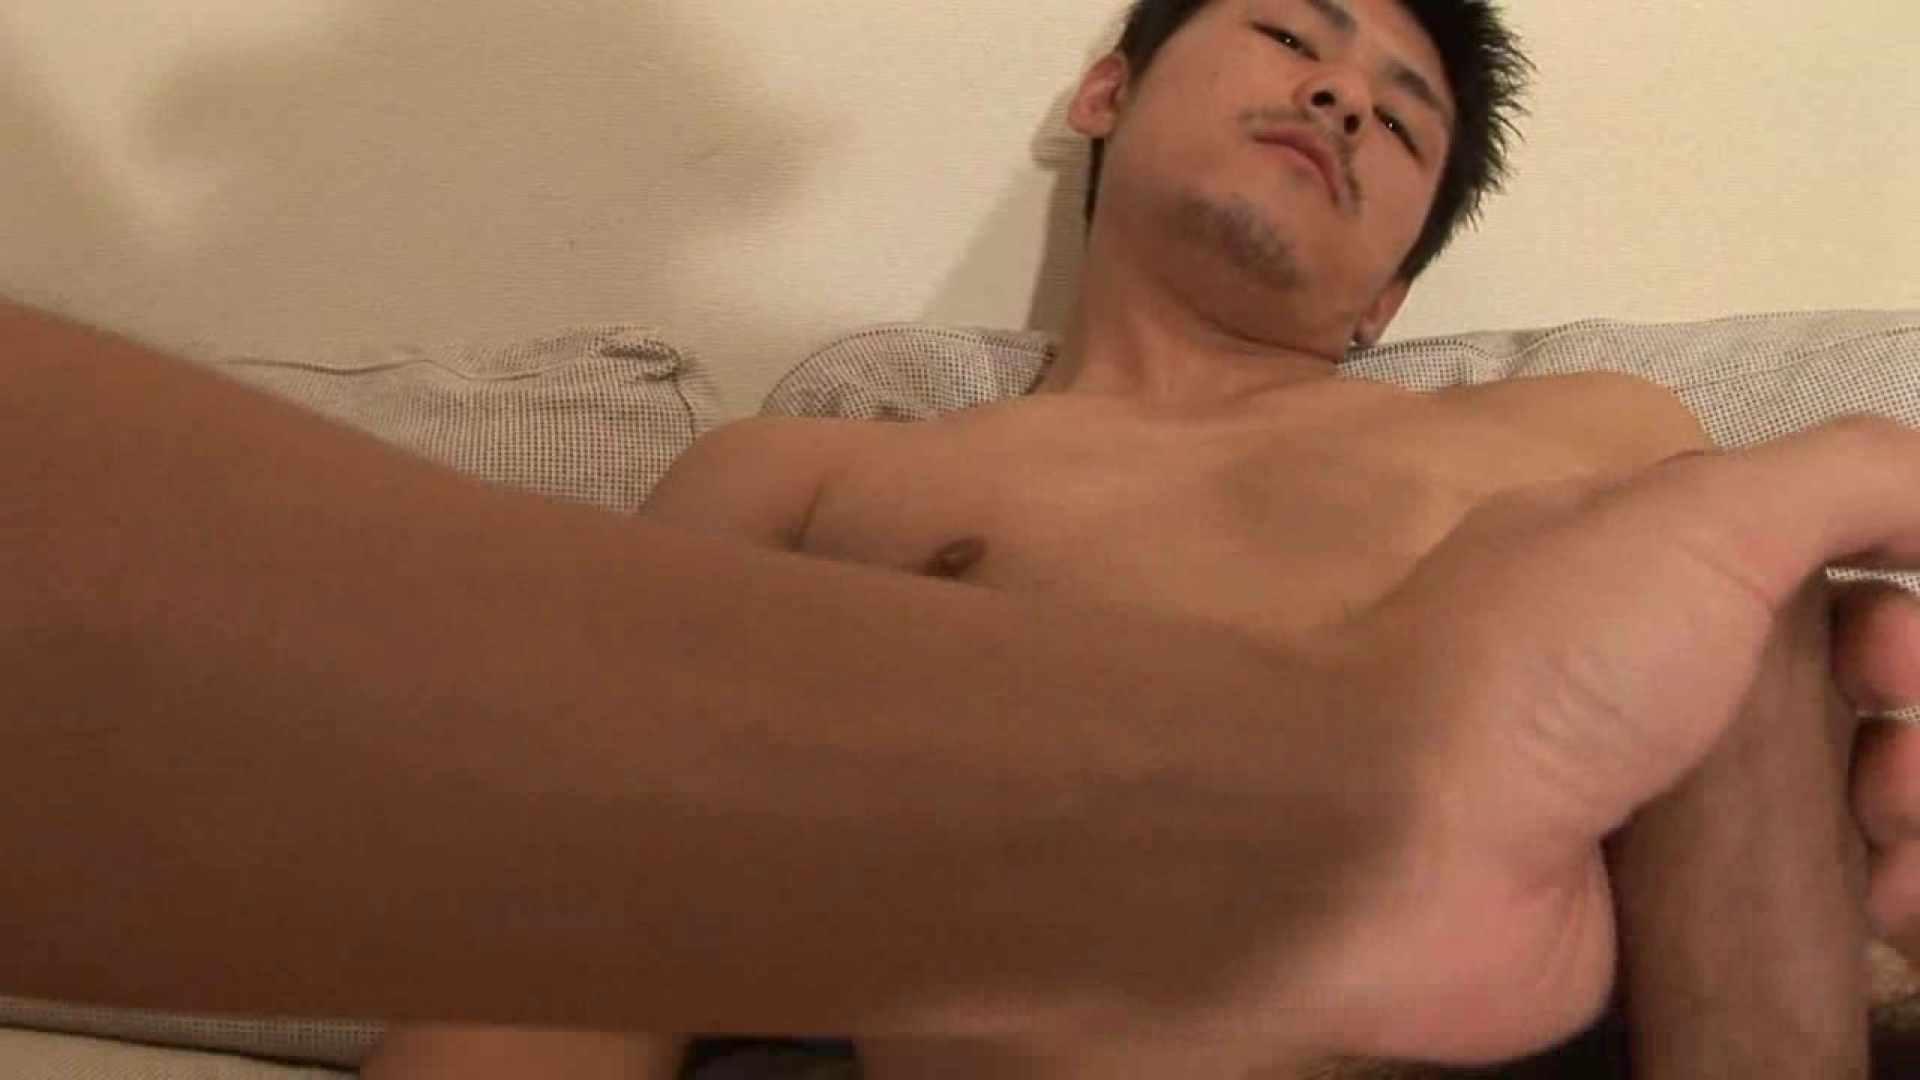 オラオラ系兄貴の飛ばしてなんぼ!! 巨根系男子 ゲイエロ動画 91枚 82